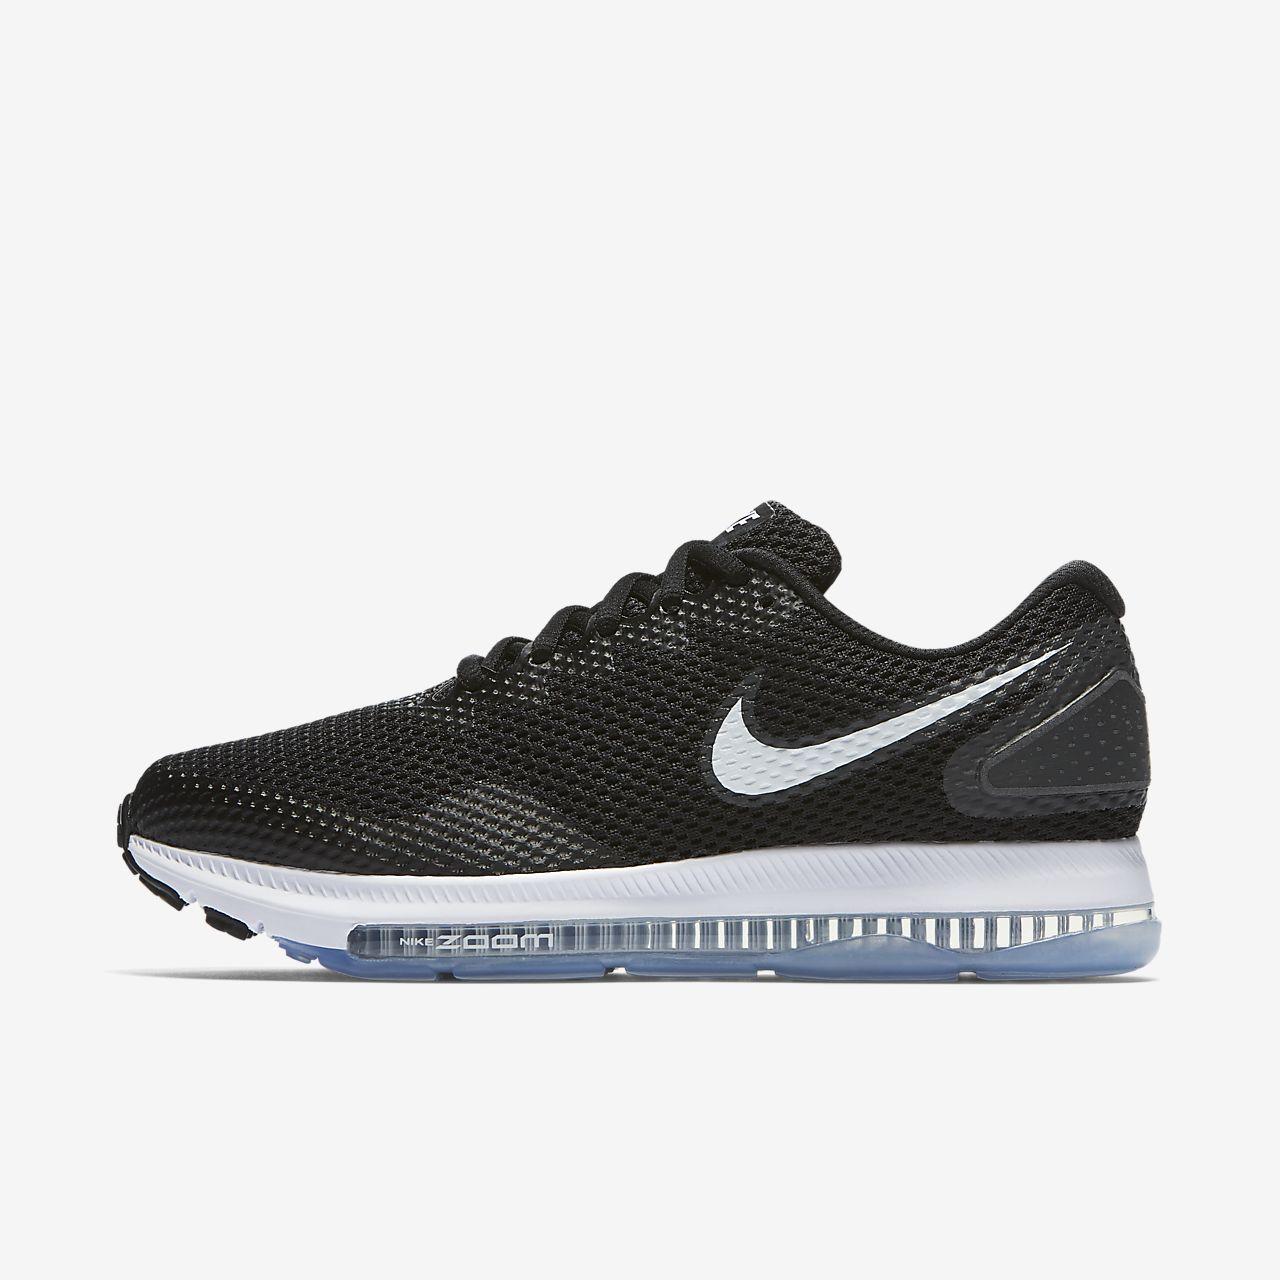 Beste Nike Damen Laufschuhe Nike Zoom All Out Low 2 Beige